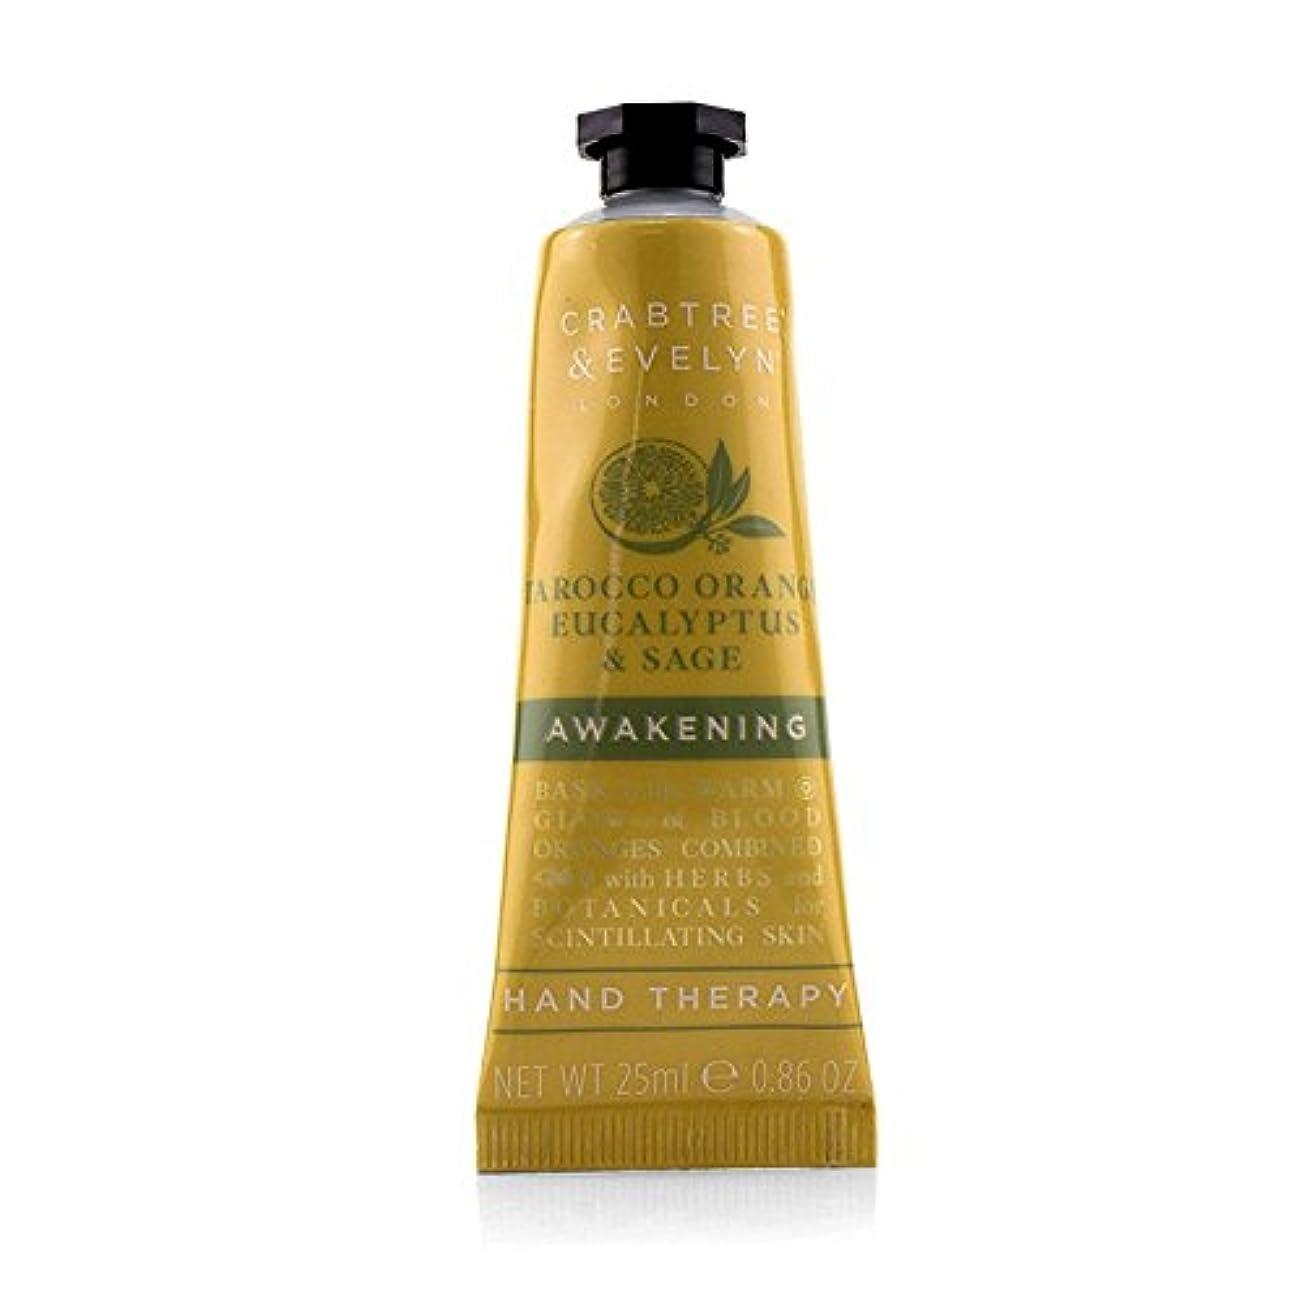 妻飢饉ドリンククラブツリー&イヴリン Tarocco Orange Eucalyptus & Sage Awakening Hand Therapy 25ml/0.86oz並行輸入品